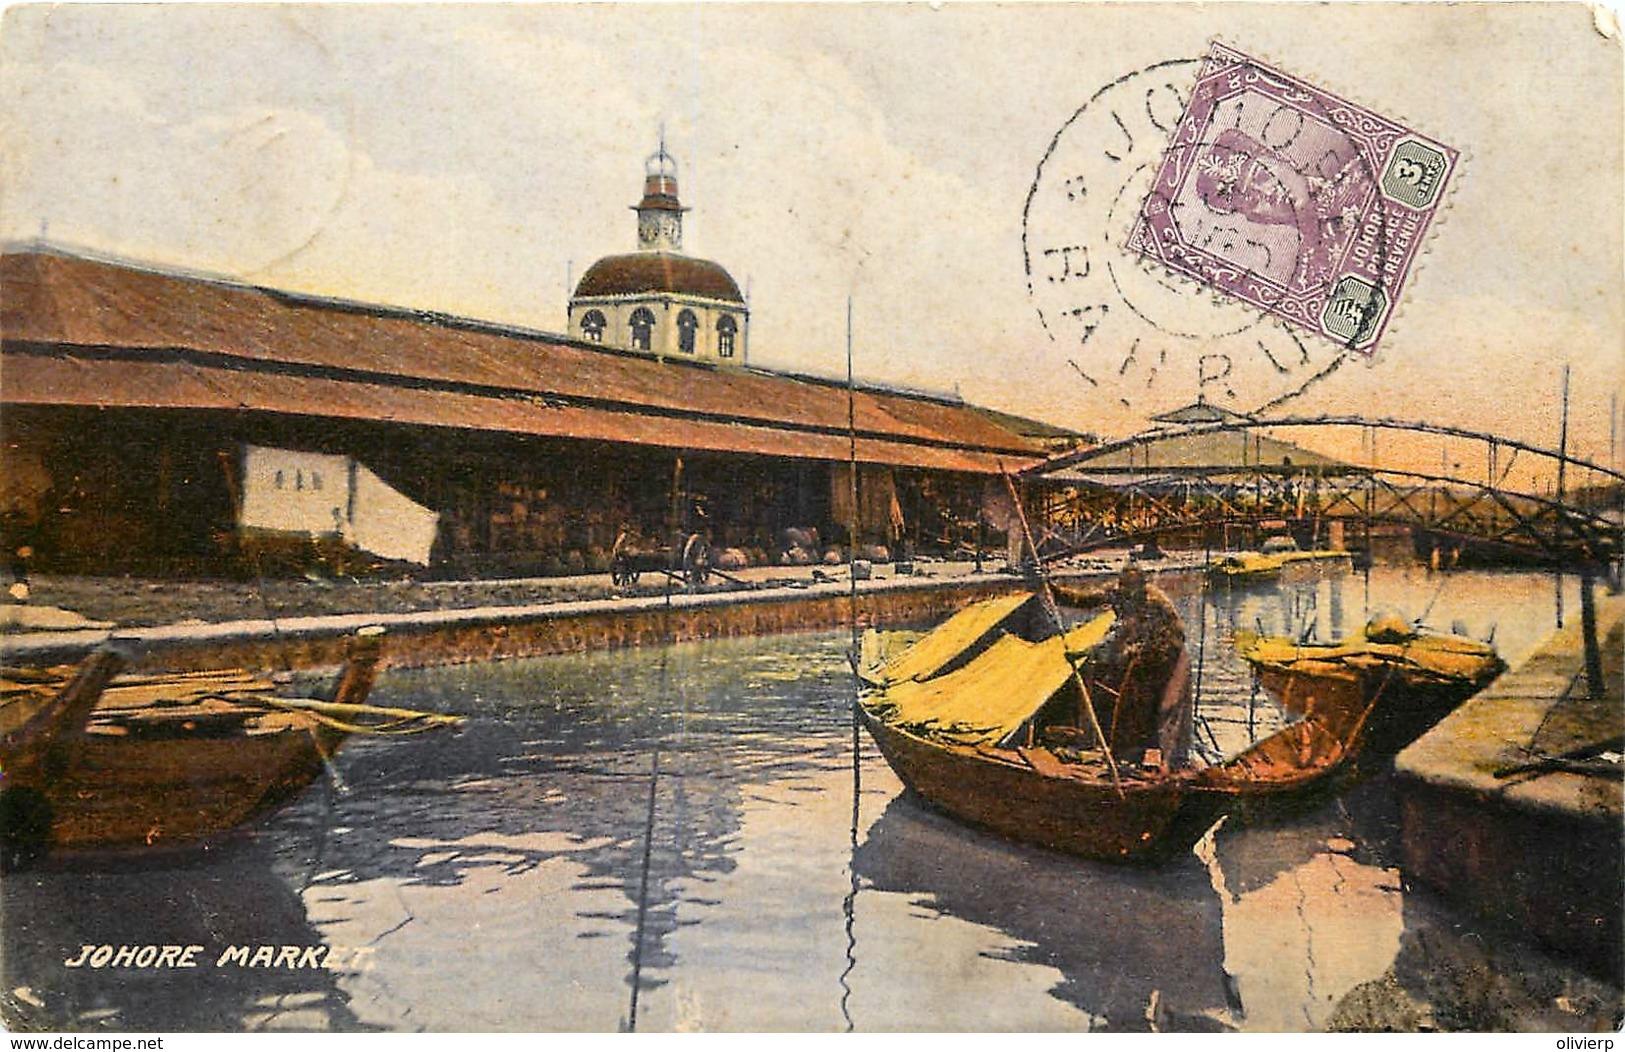 Inde - Johore - Market - Inde